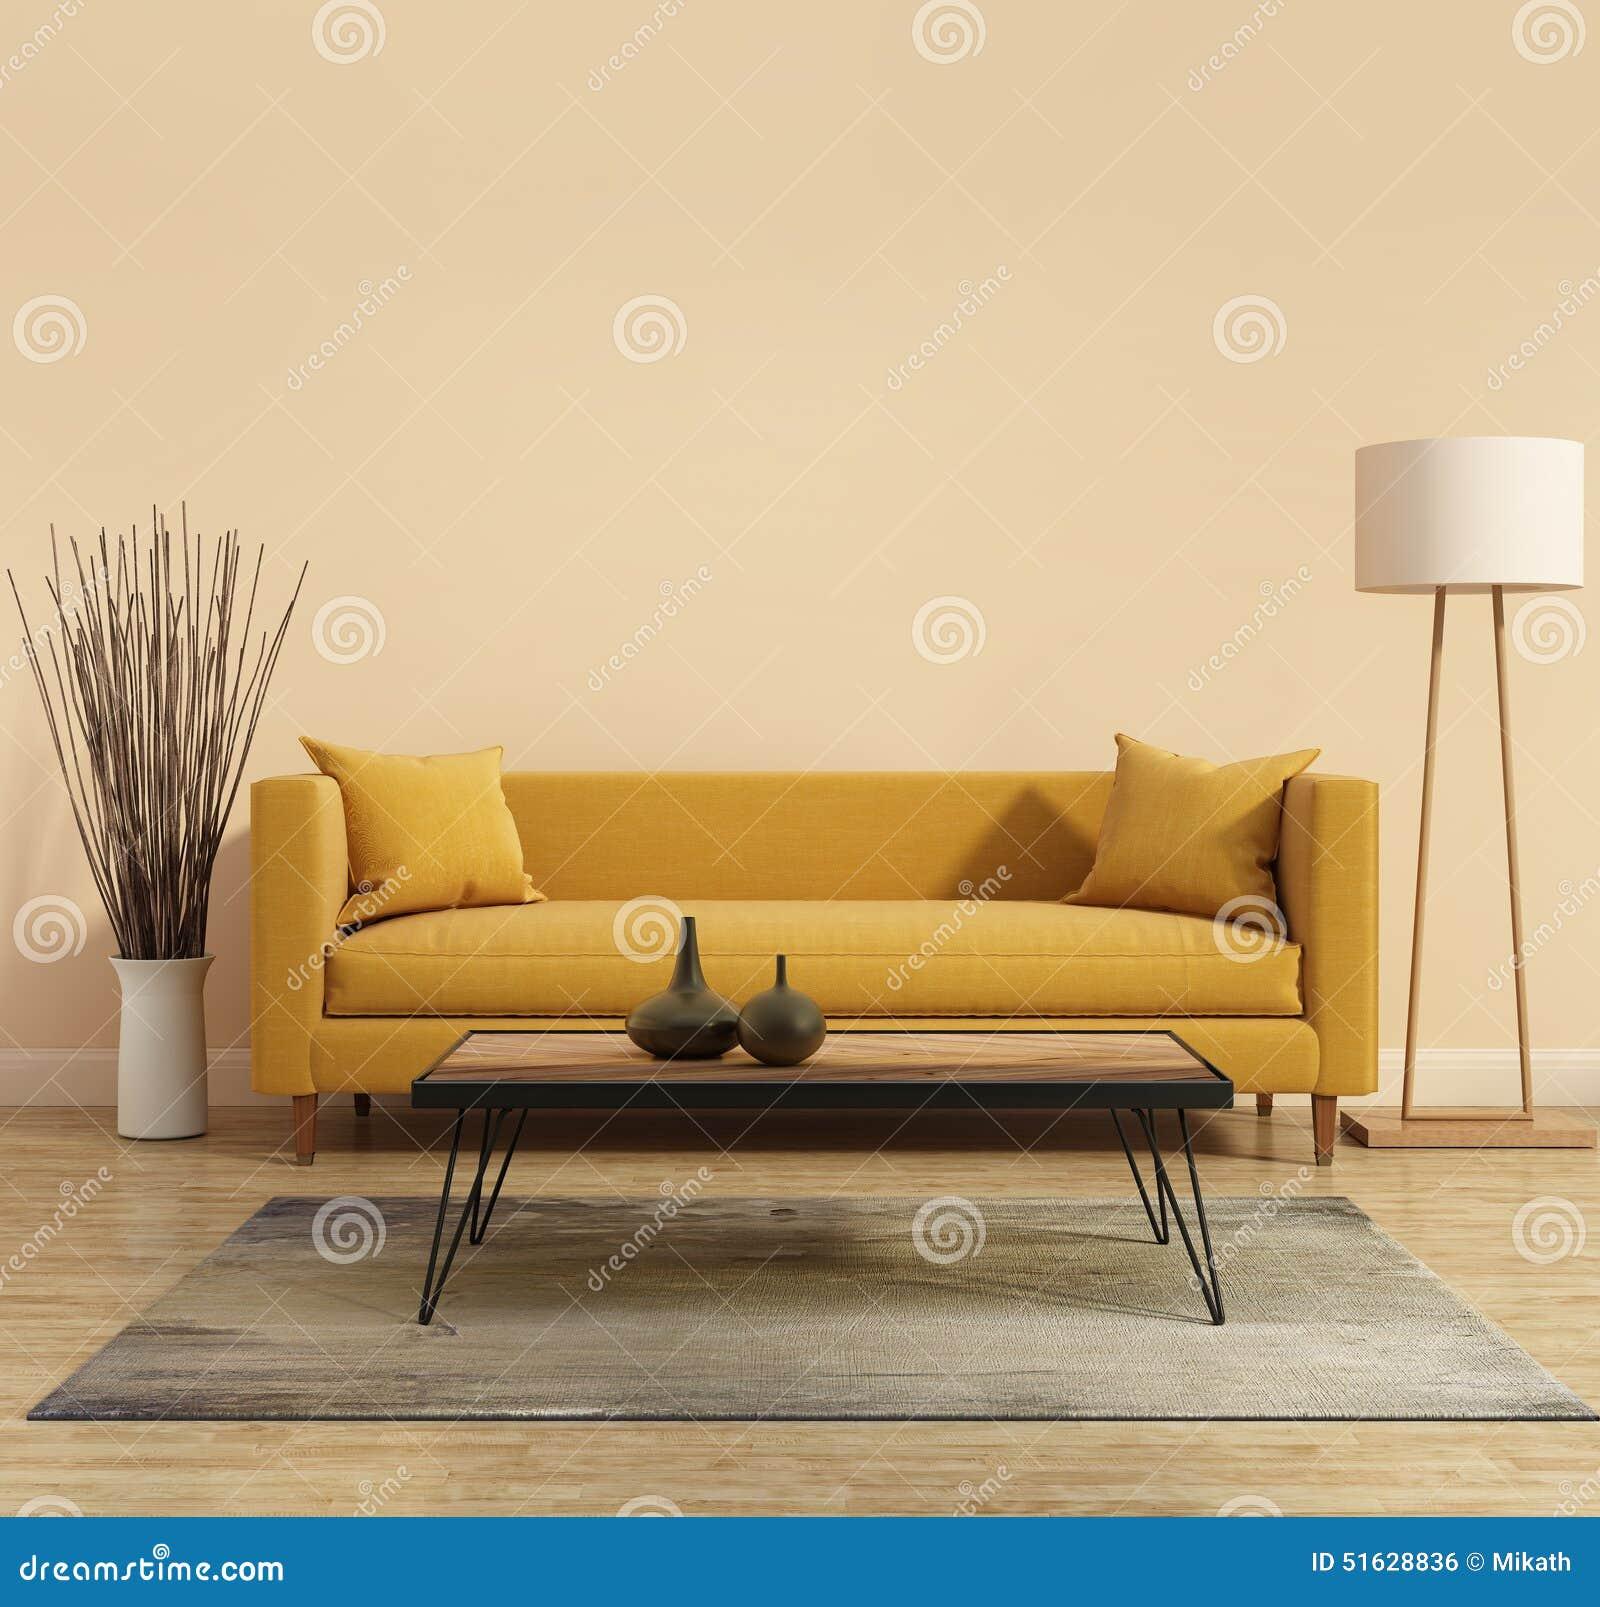 Moderner moderner Innenraum mit einem gelben Sofa im Wohnzimmer mit einer weißen minimalen Badewanne